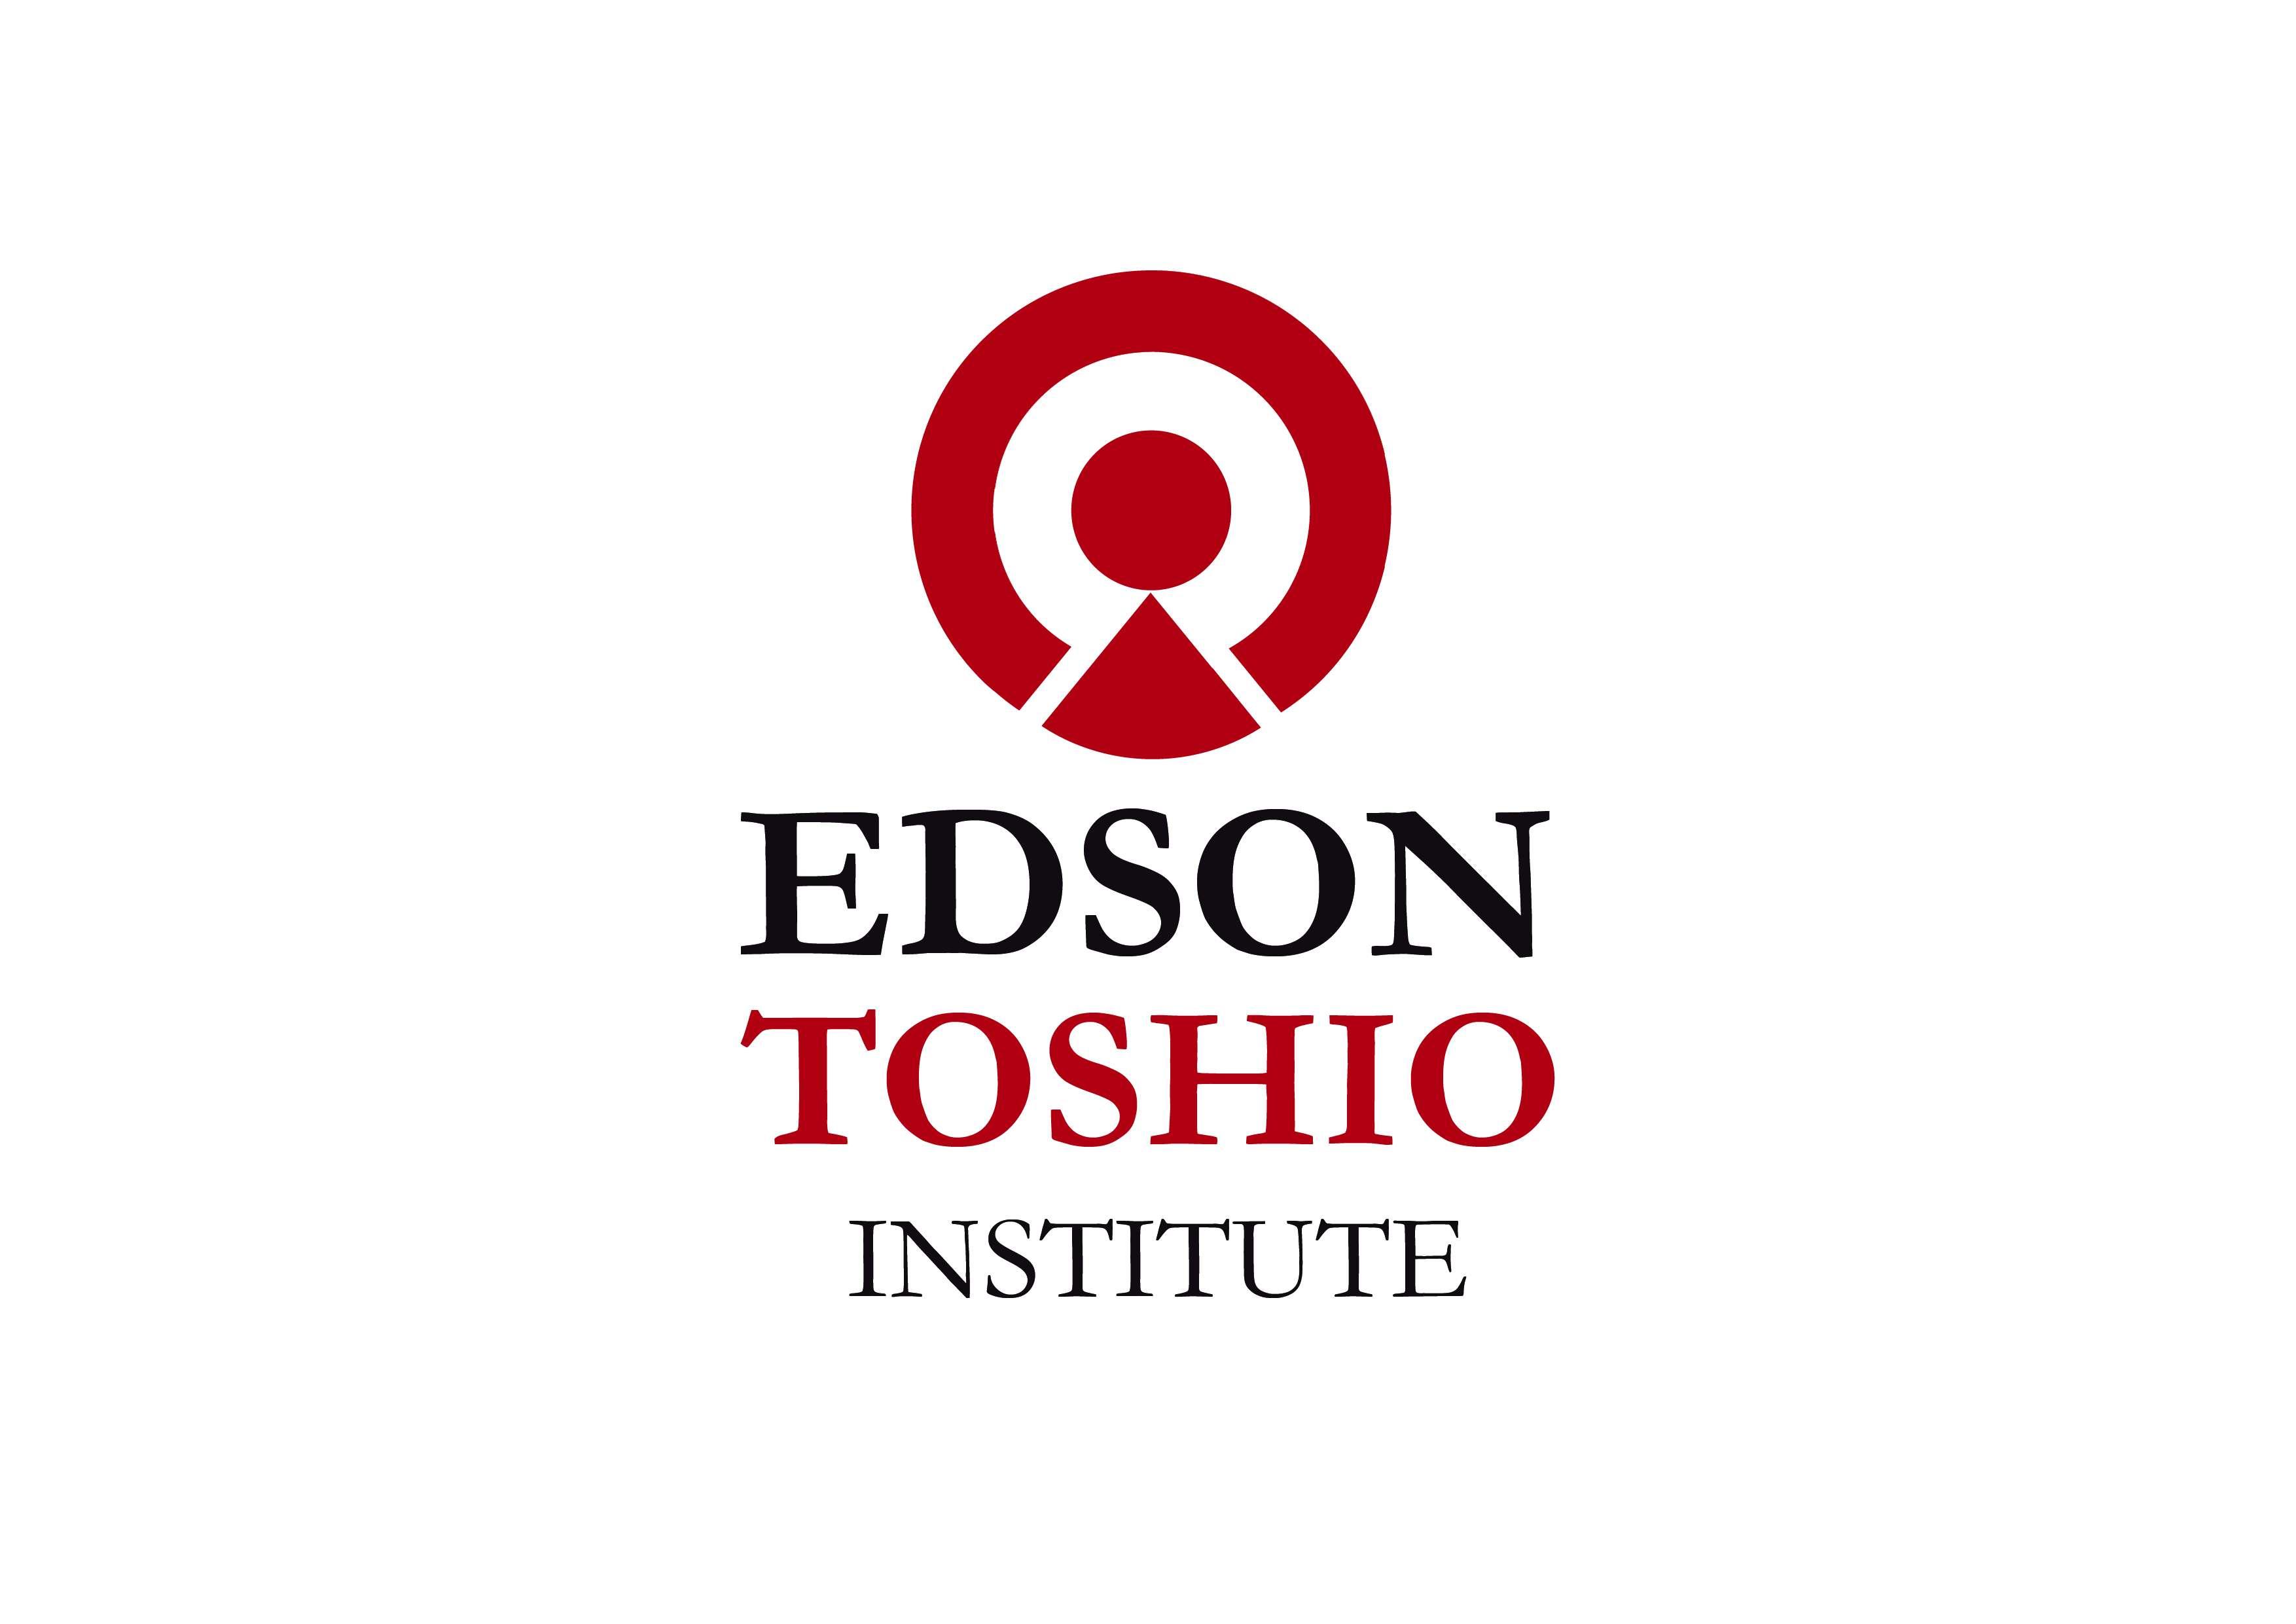 Edson Toshio Institute